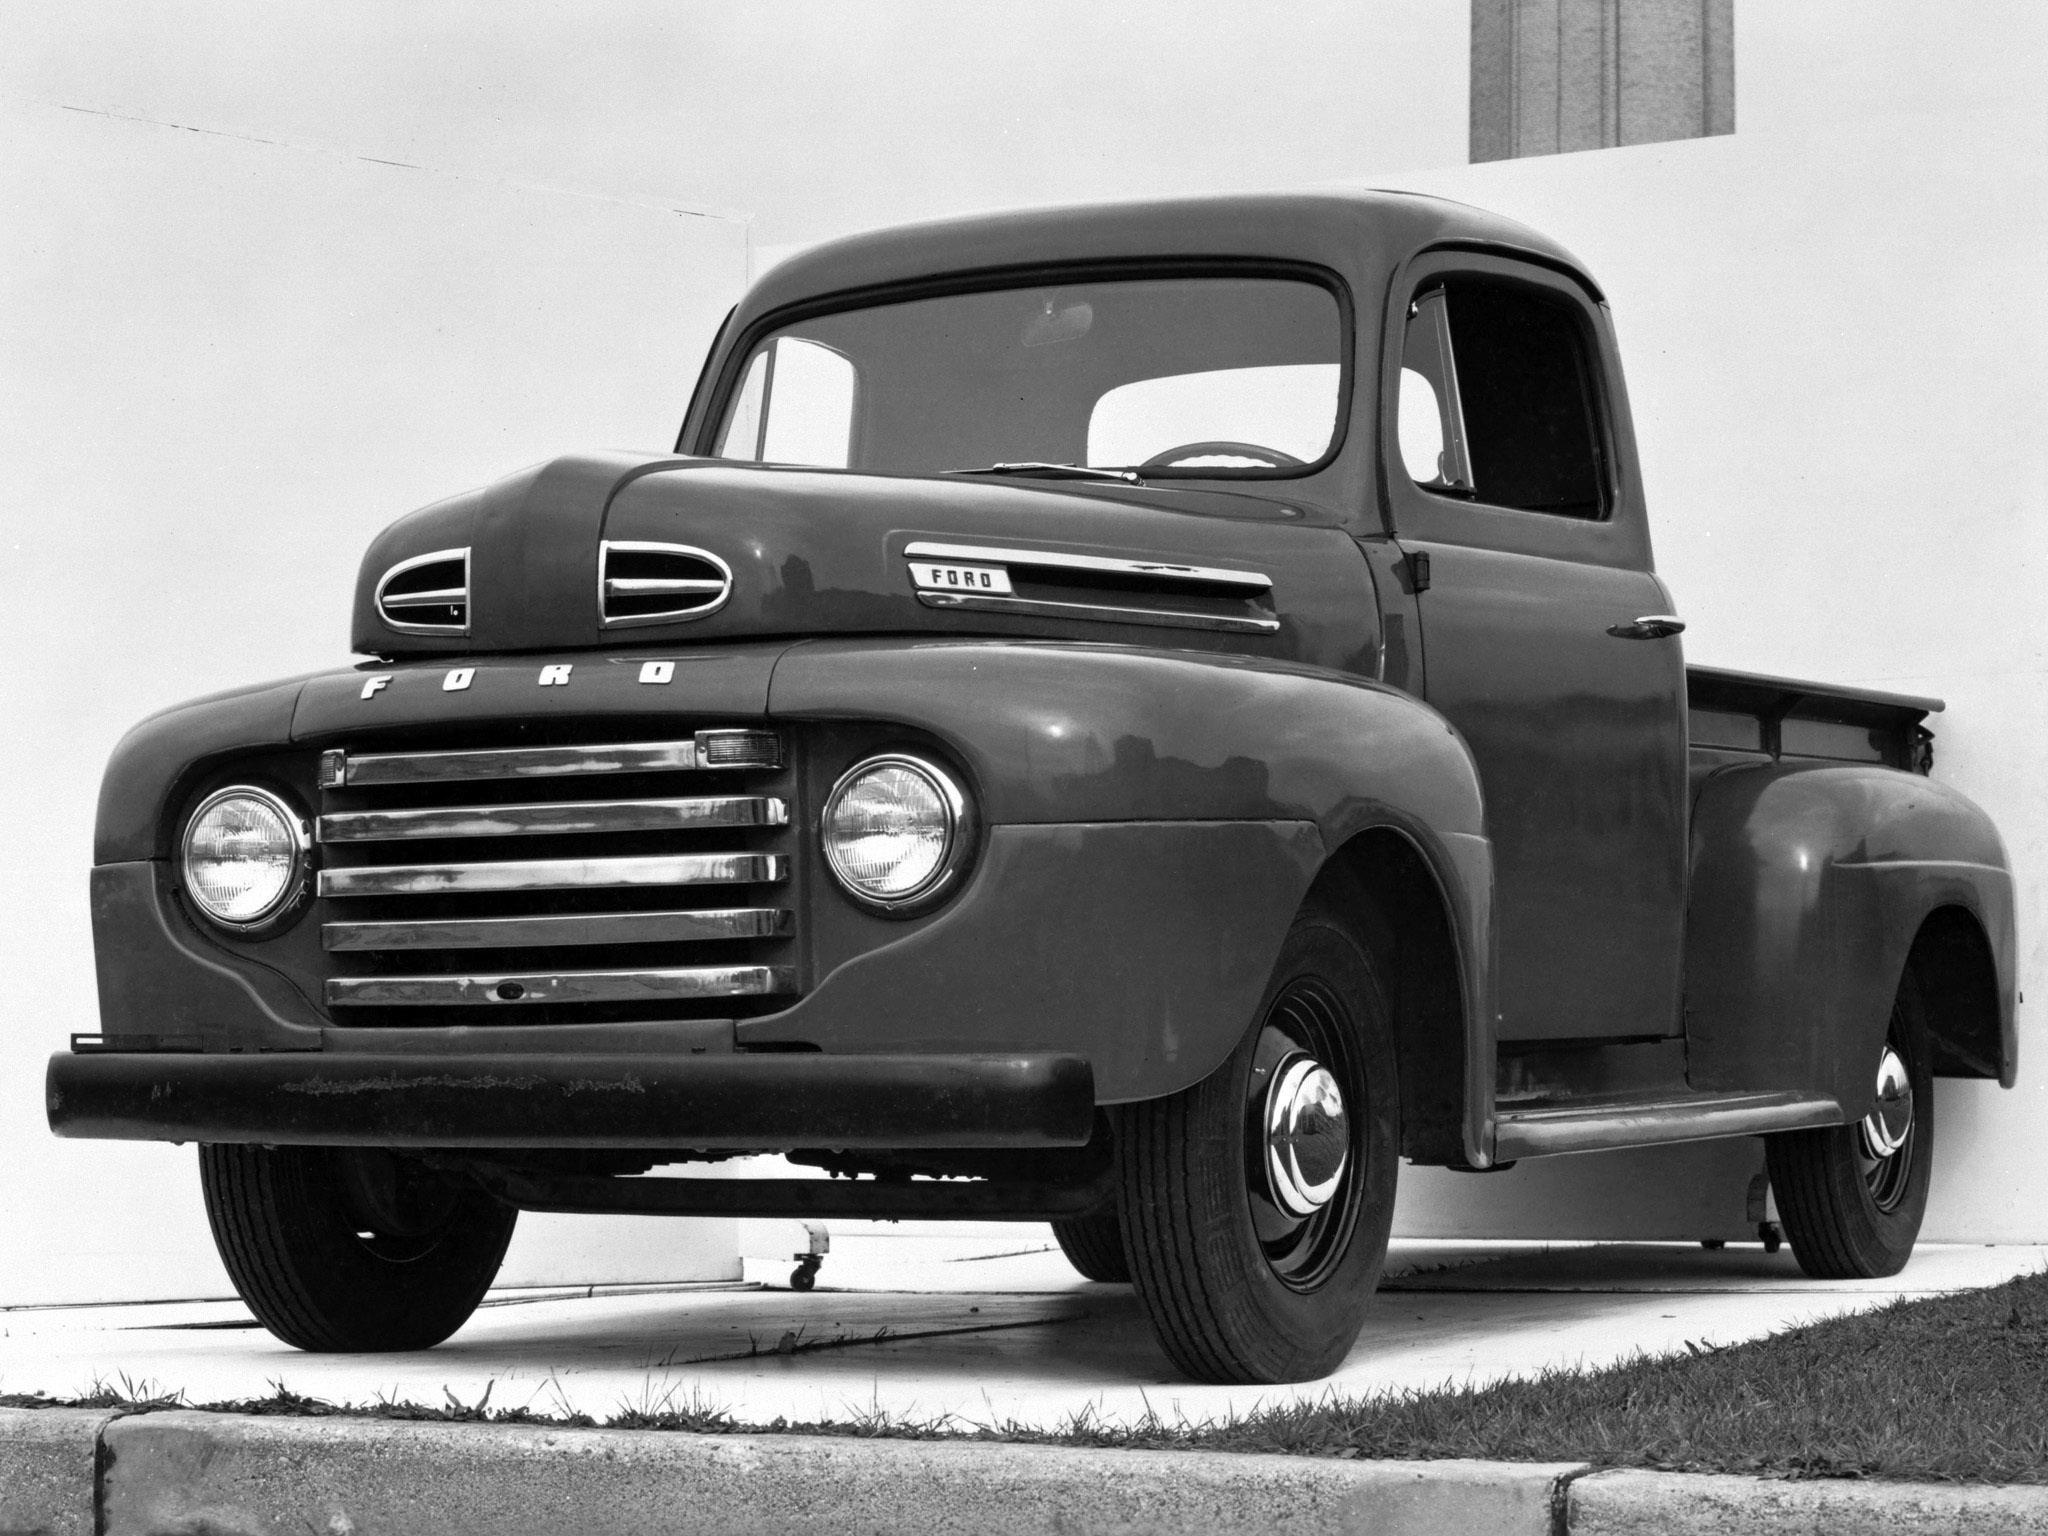 1948 Ford F 1 Pickup Truck Retro Wallpaper 2048x1536